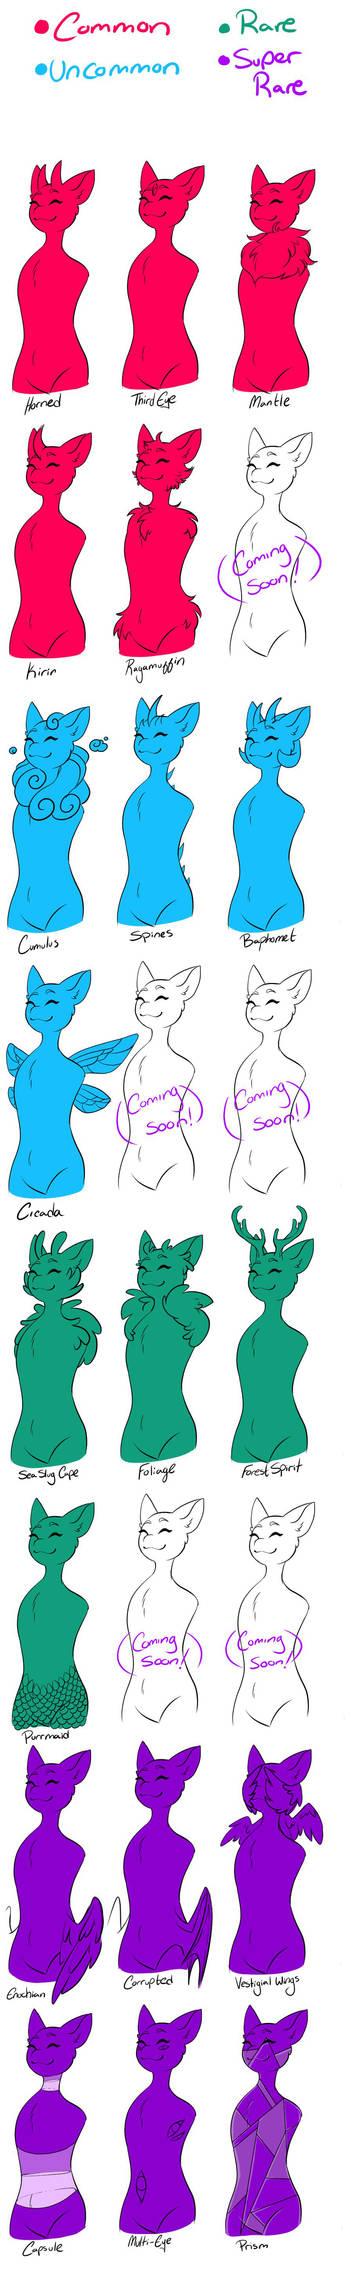 [Catsune] Mutations